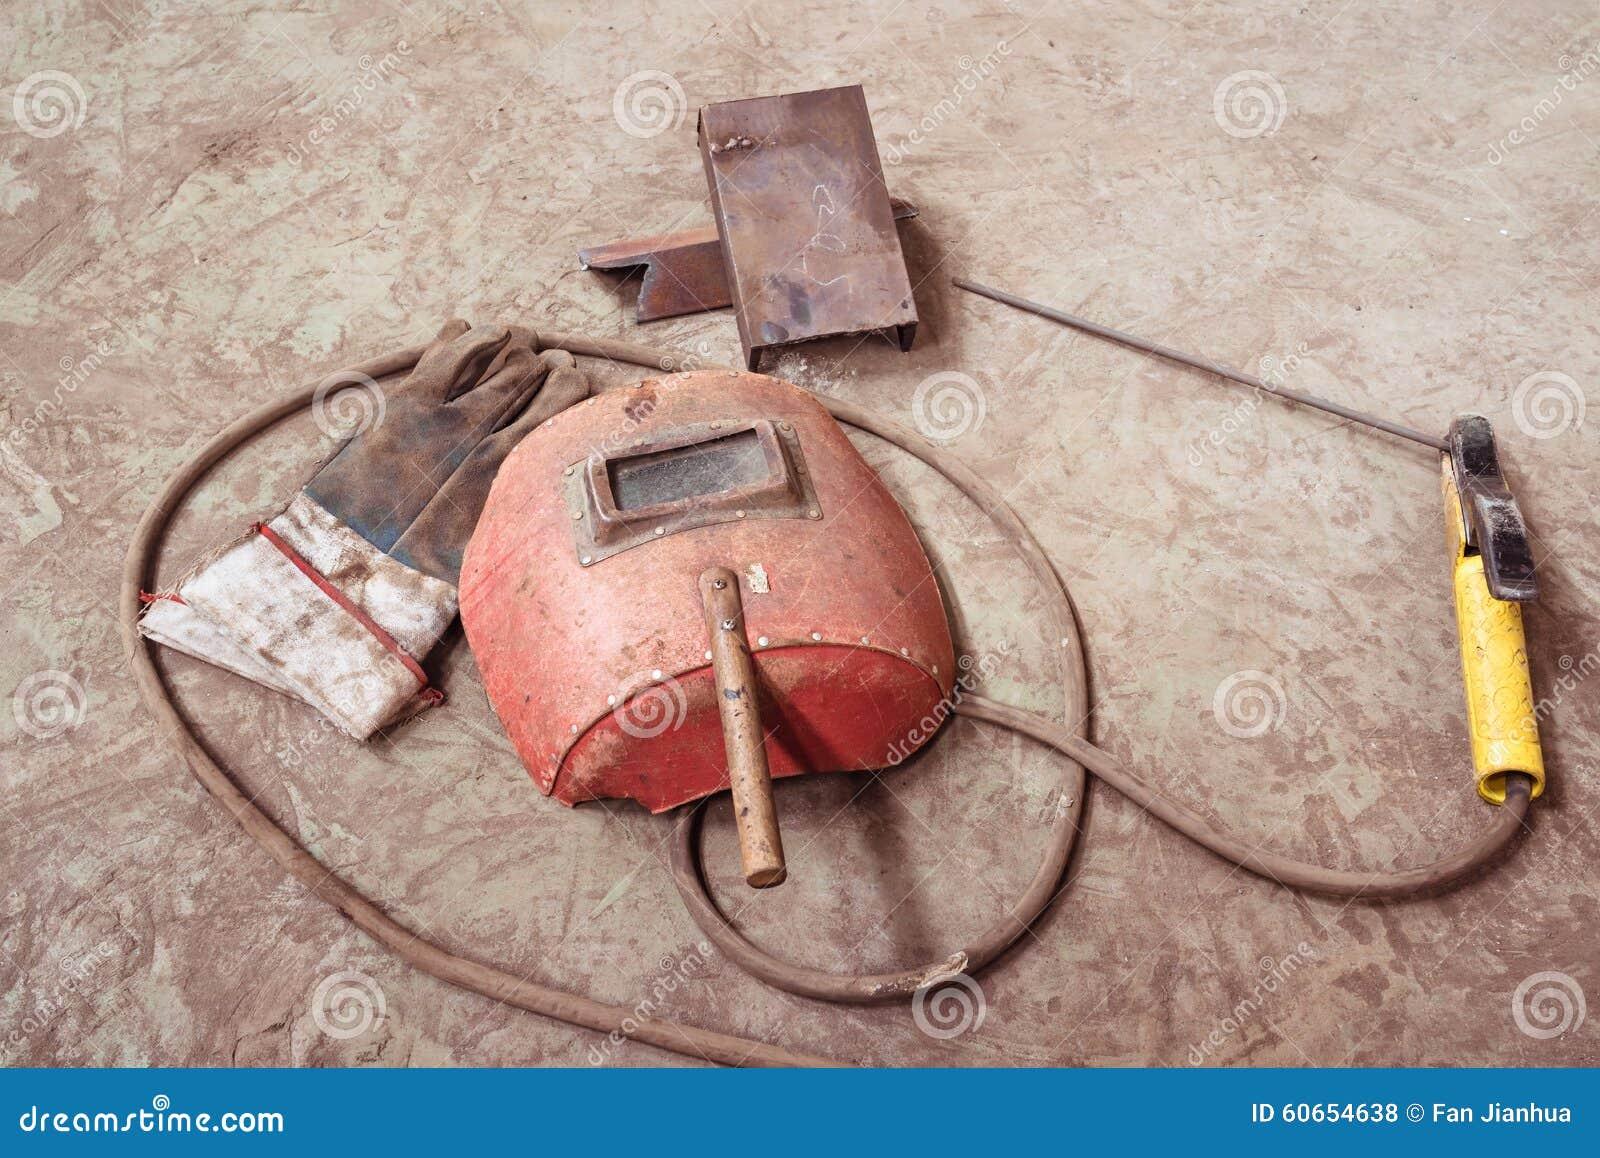 Elektrisches Schweißgerät, Elektrischer Draht, Masken, Handschuhe ...